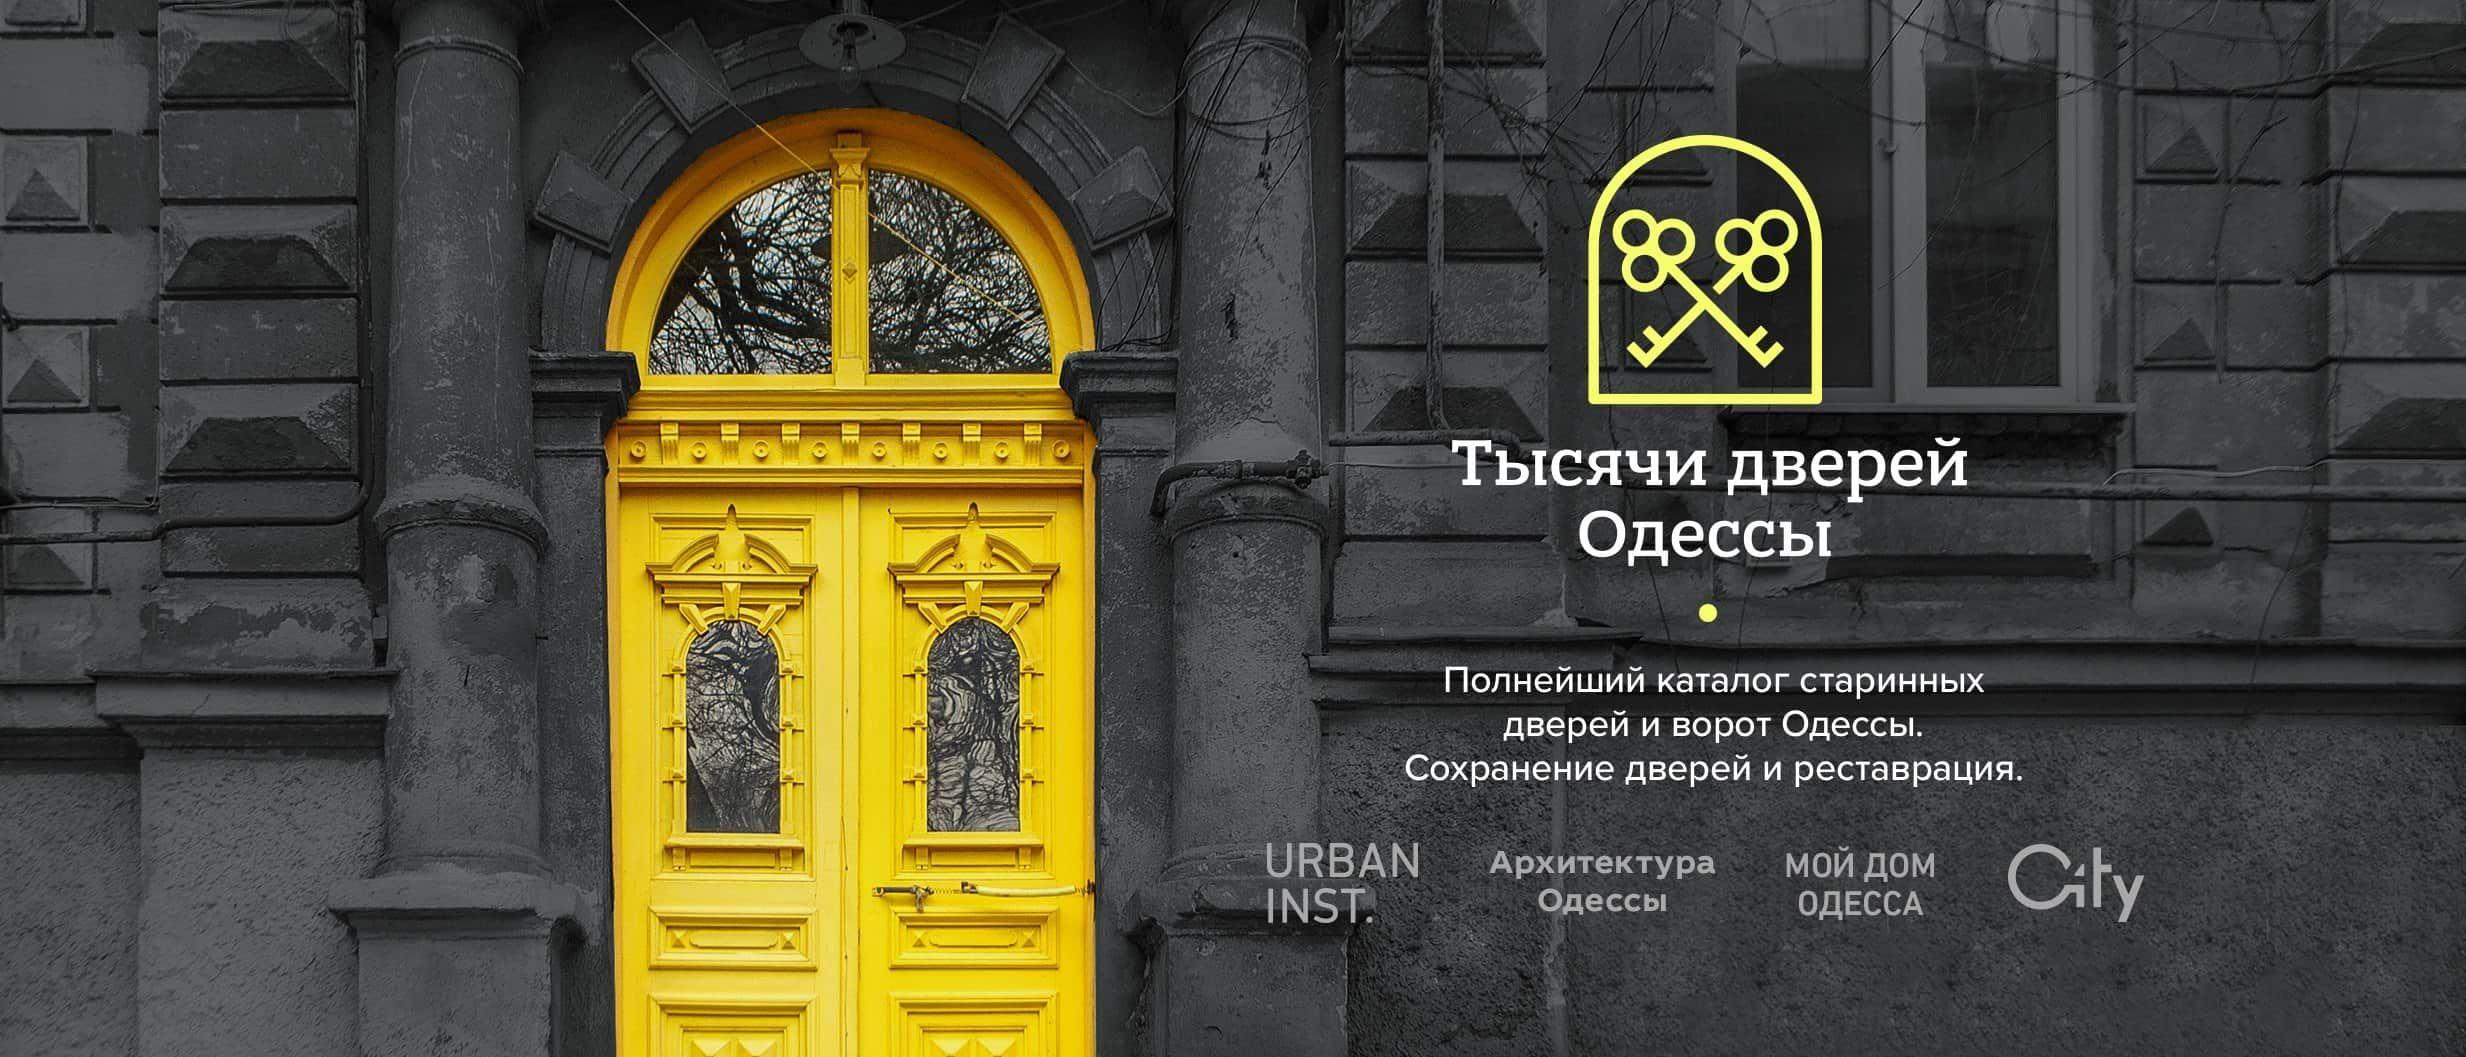 Одесские двери и ворота